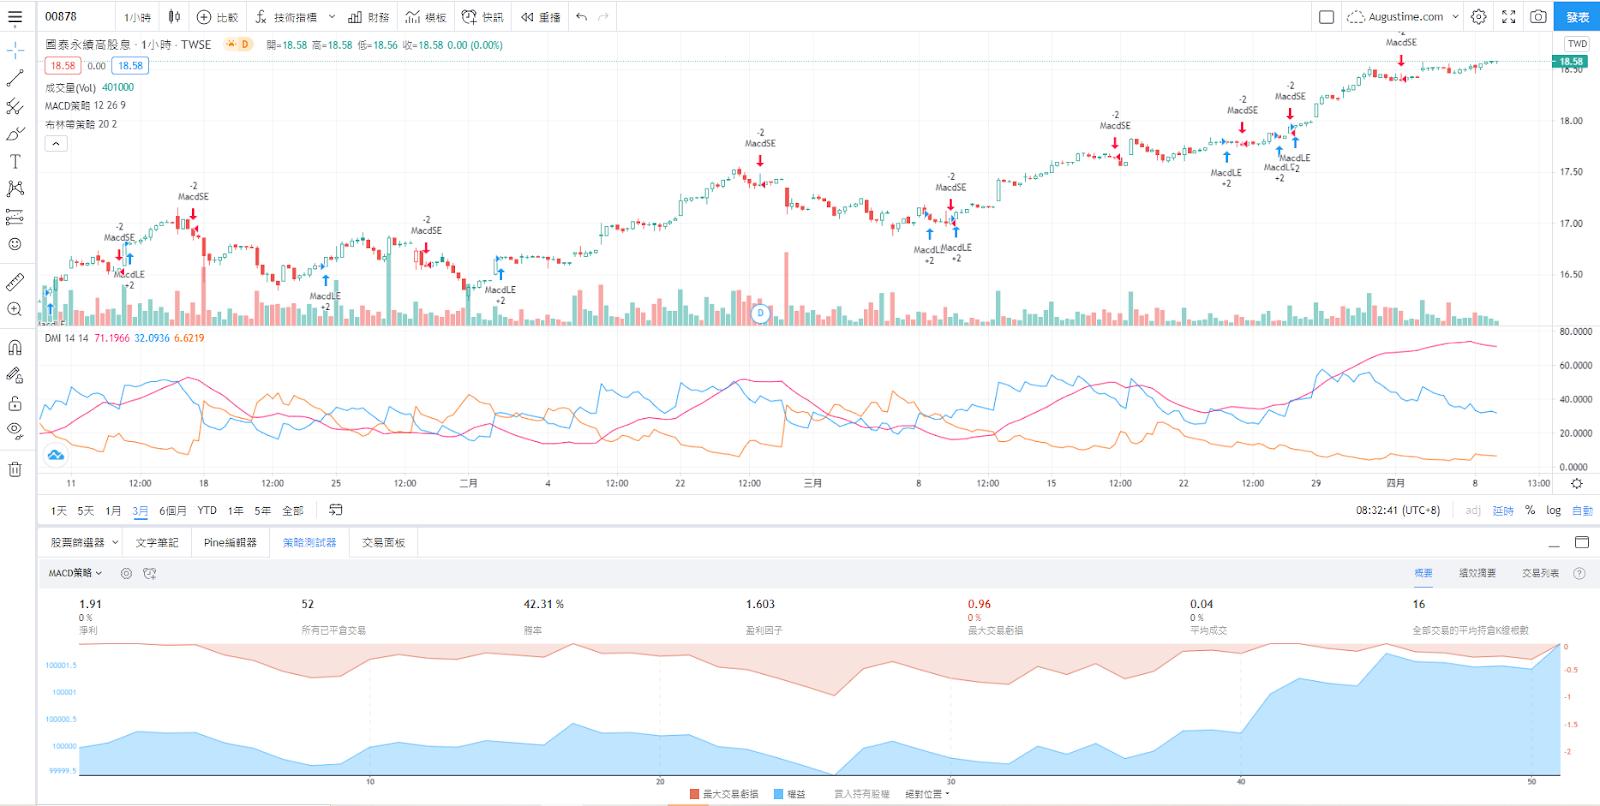 國泰00878股價走勢圖與K線圖